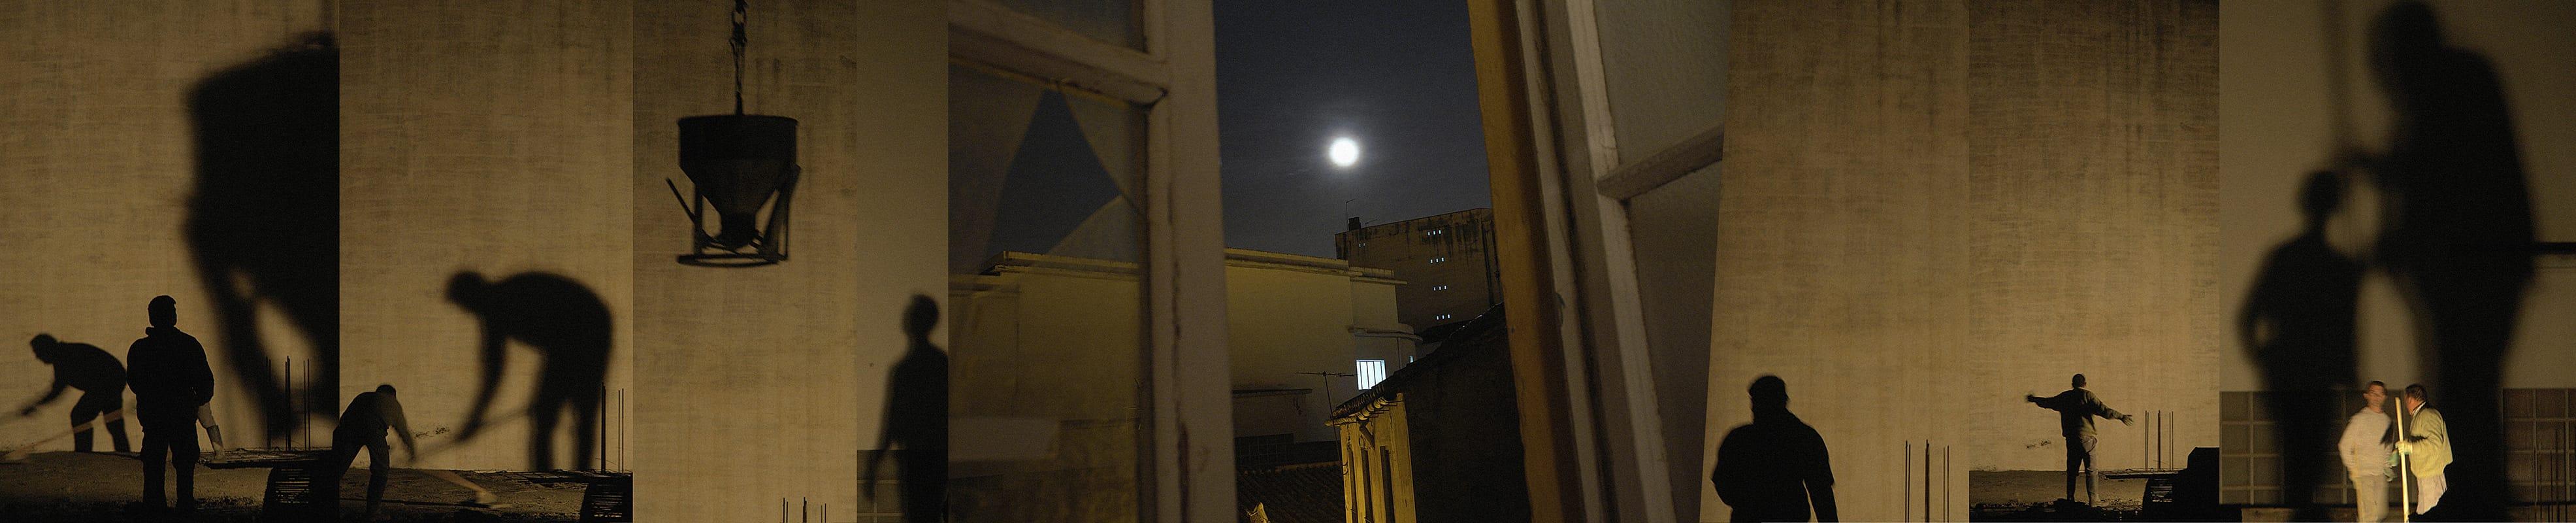 Noche 2007